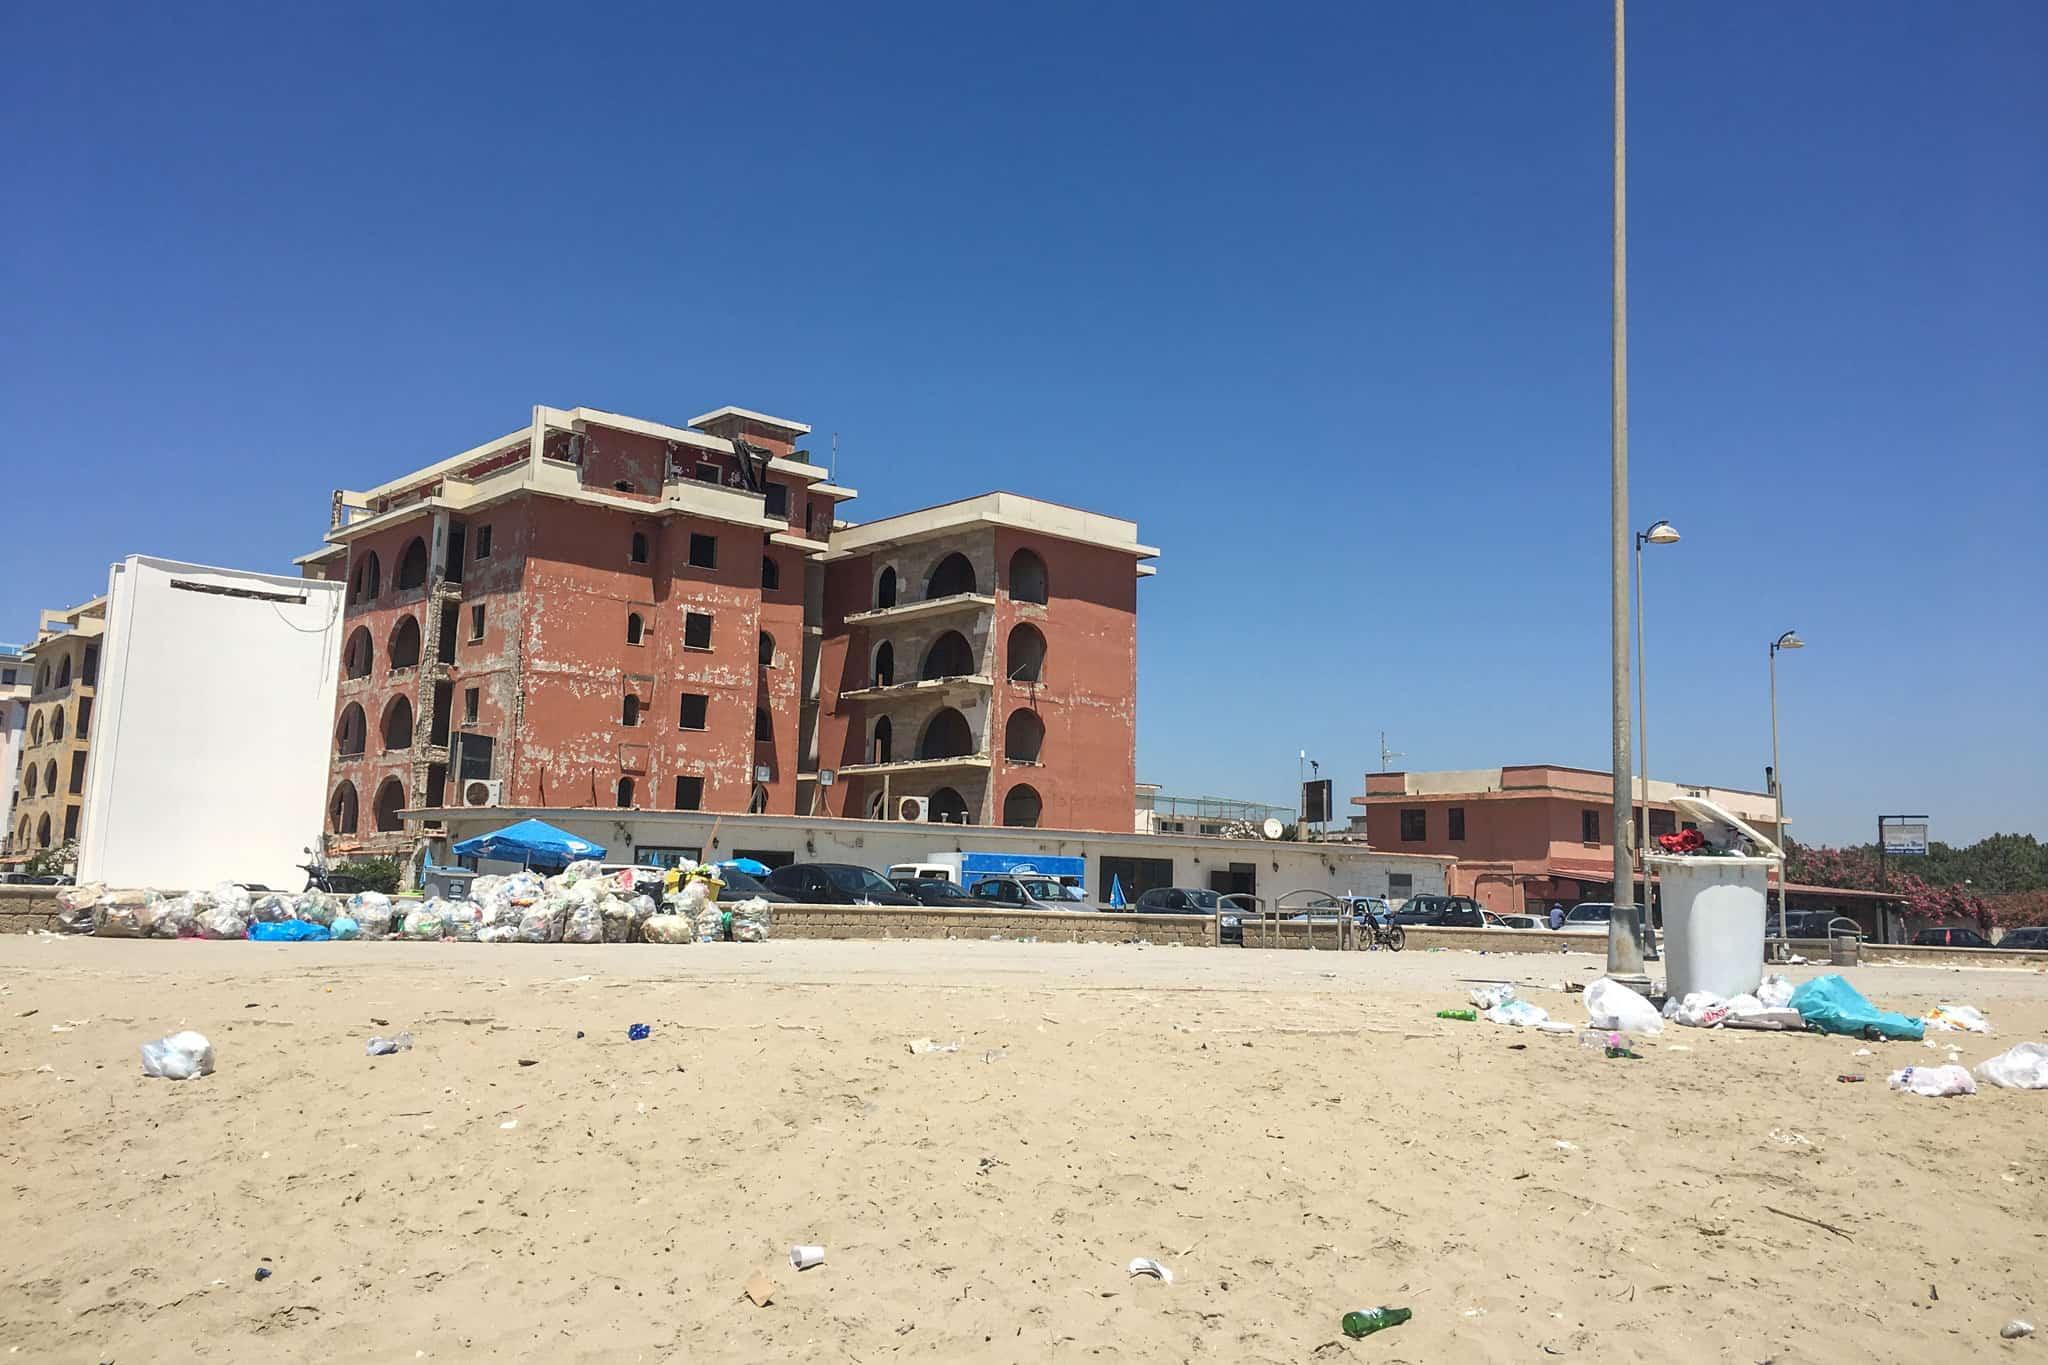 Rifiuti sulla spiaggia del Villaggio Coppola - Pinetamare